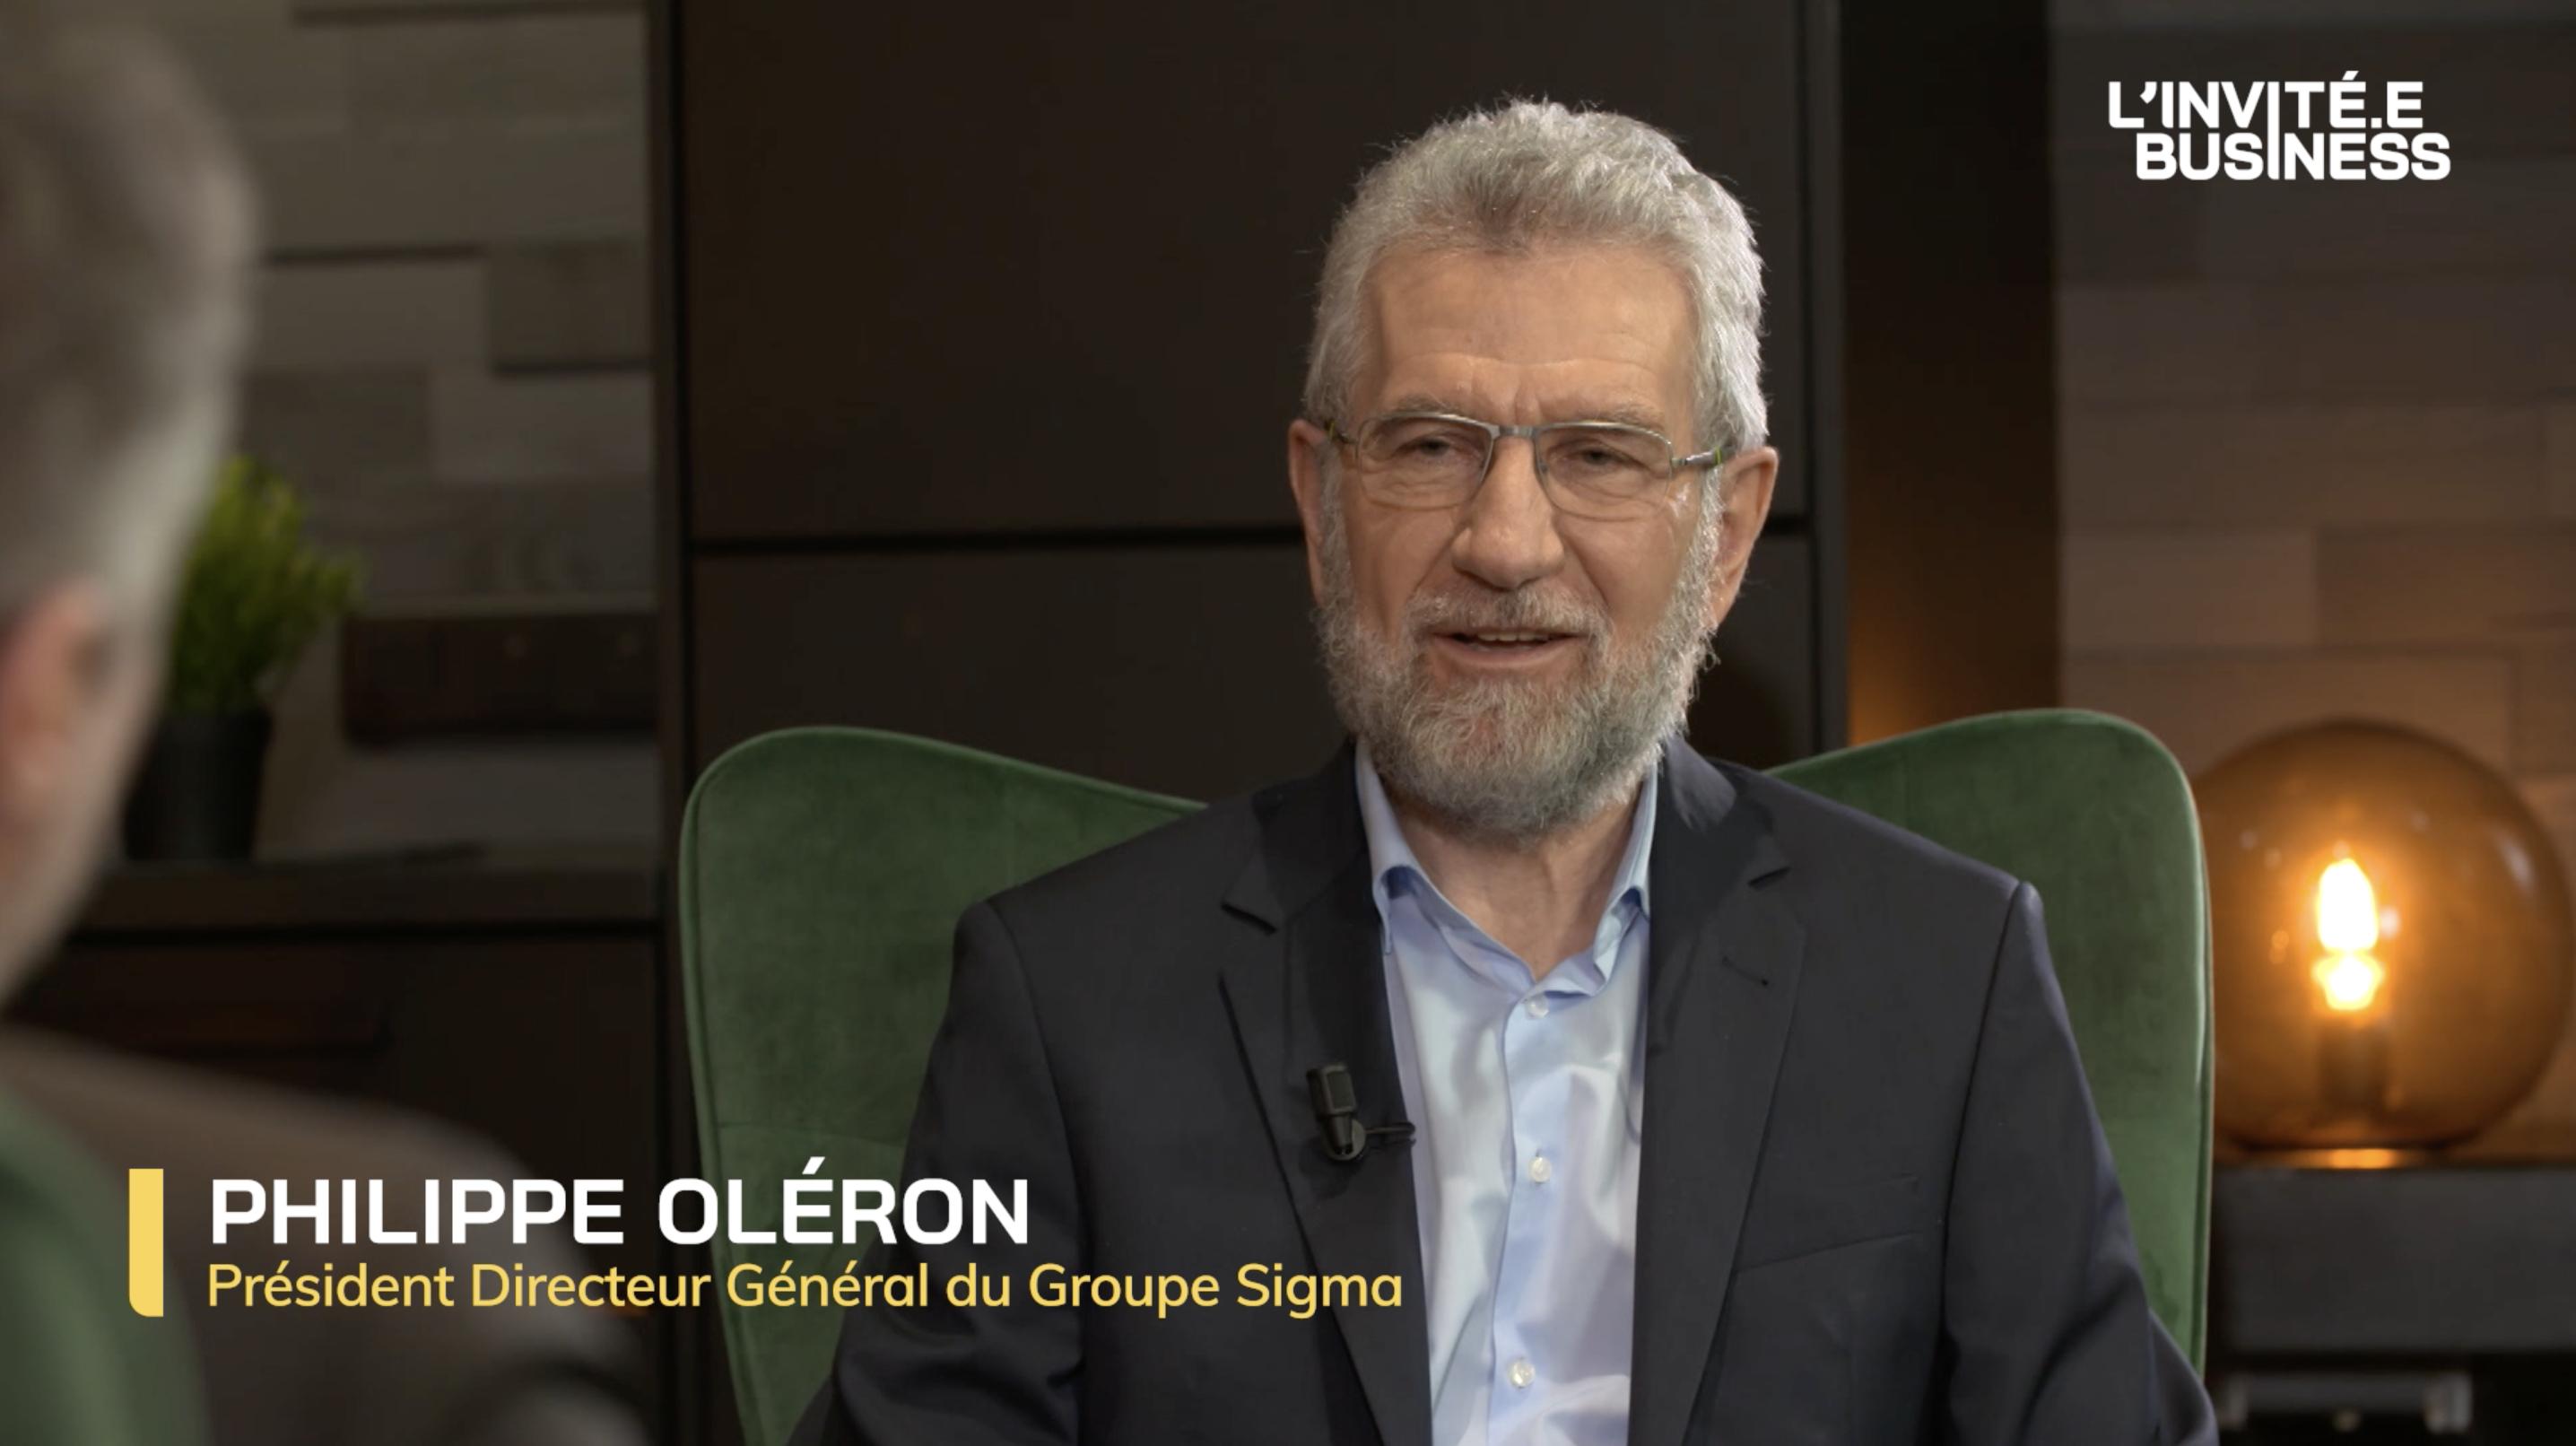 Philippe Oleron, Président Directeur Général du Groupe Sigma